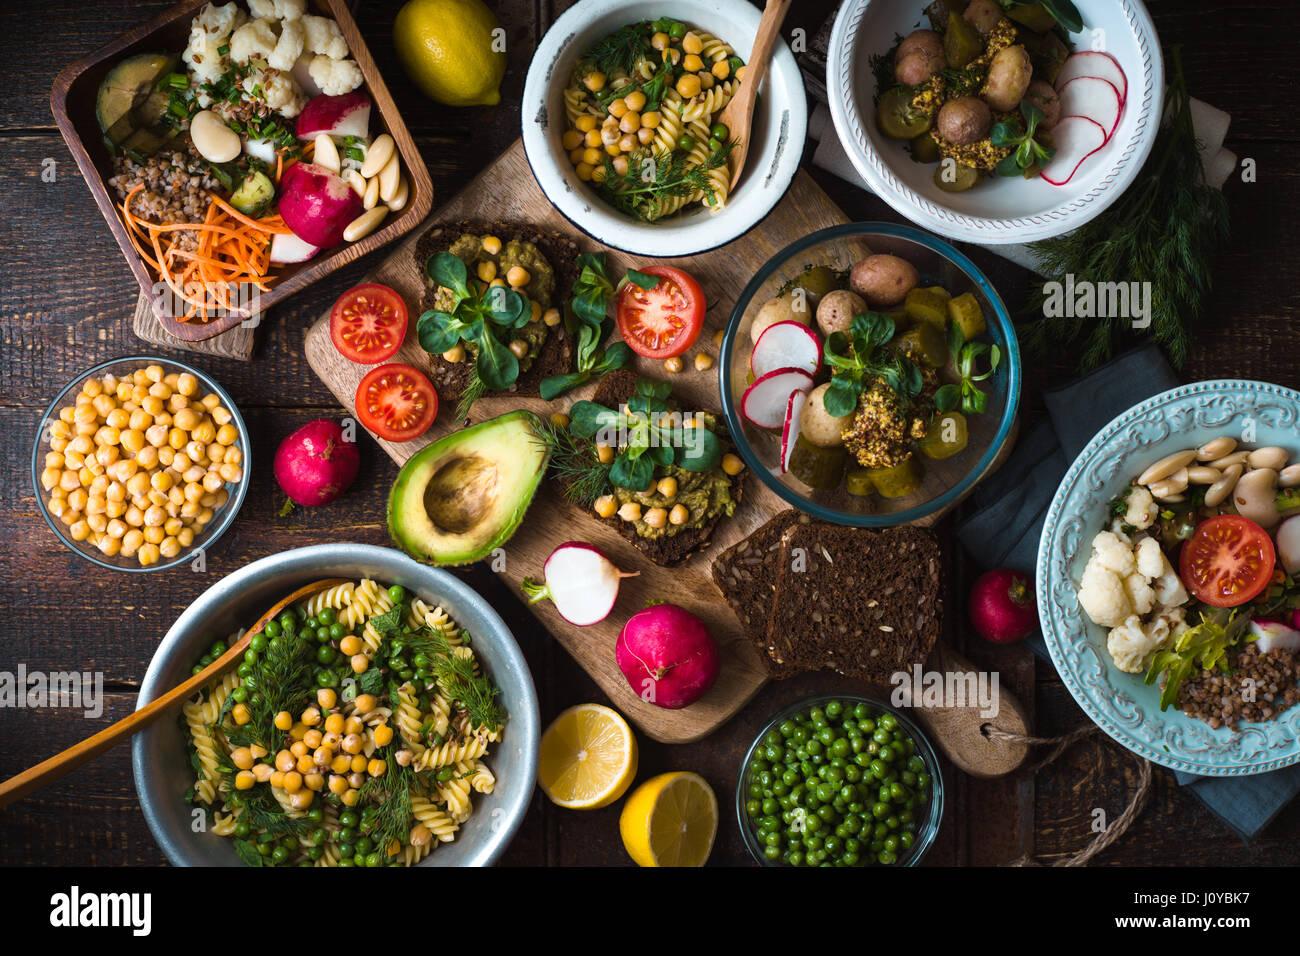 Verschiedene Salate und Snack auf der hölzernen Tischplatte anzeigen Stockbild